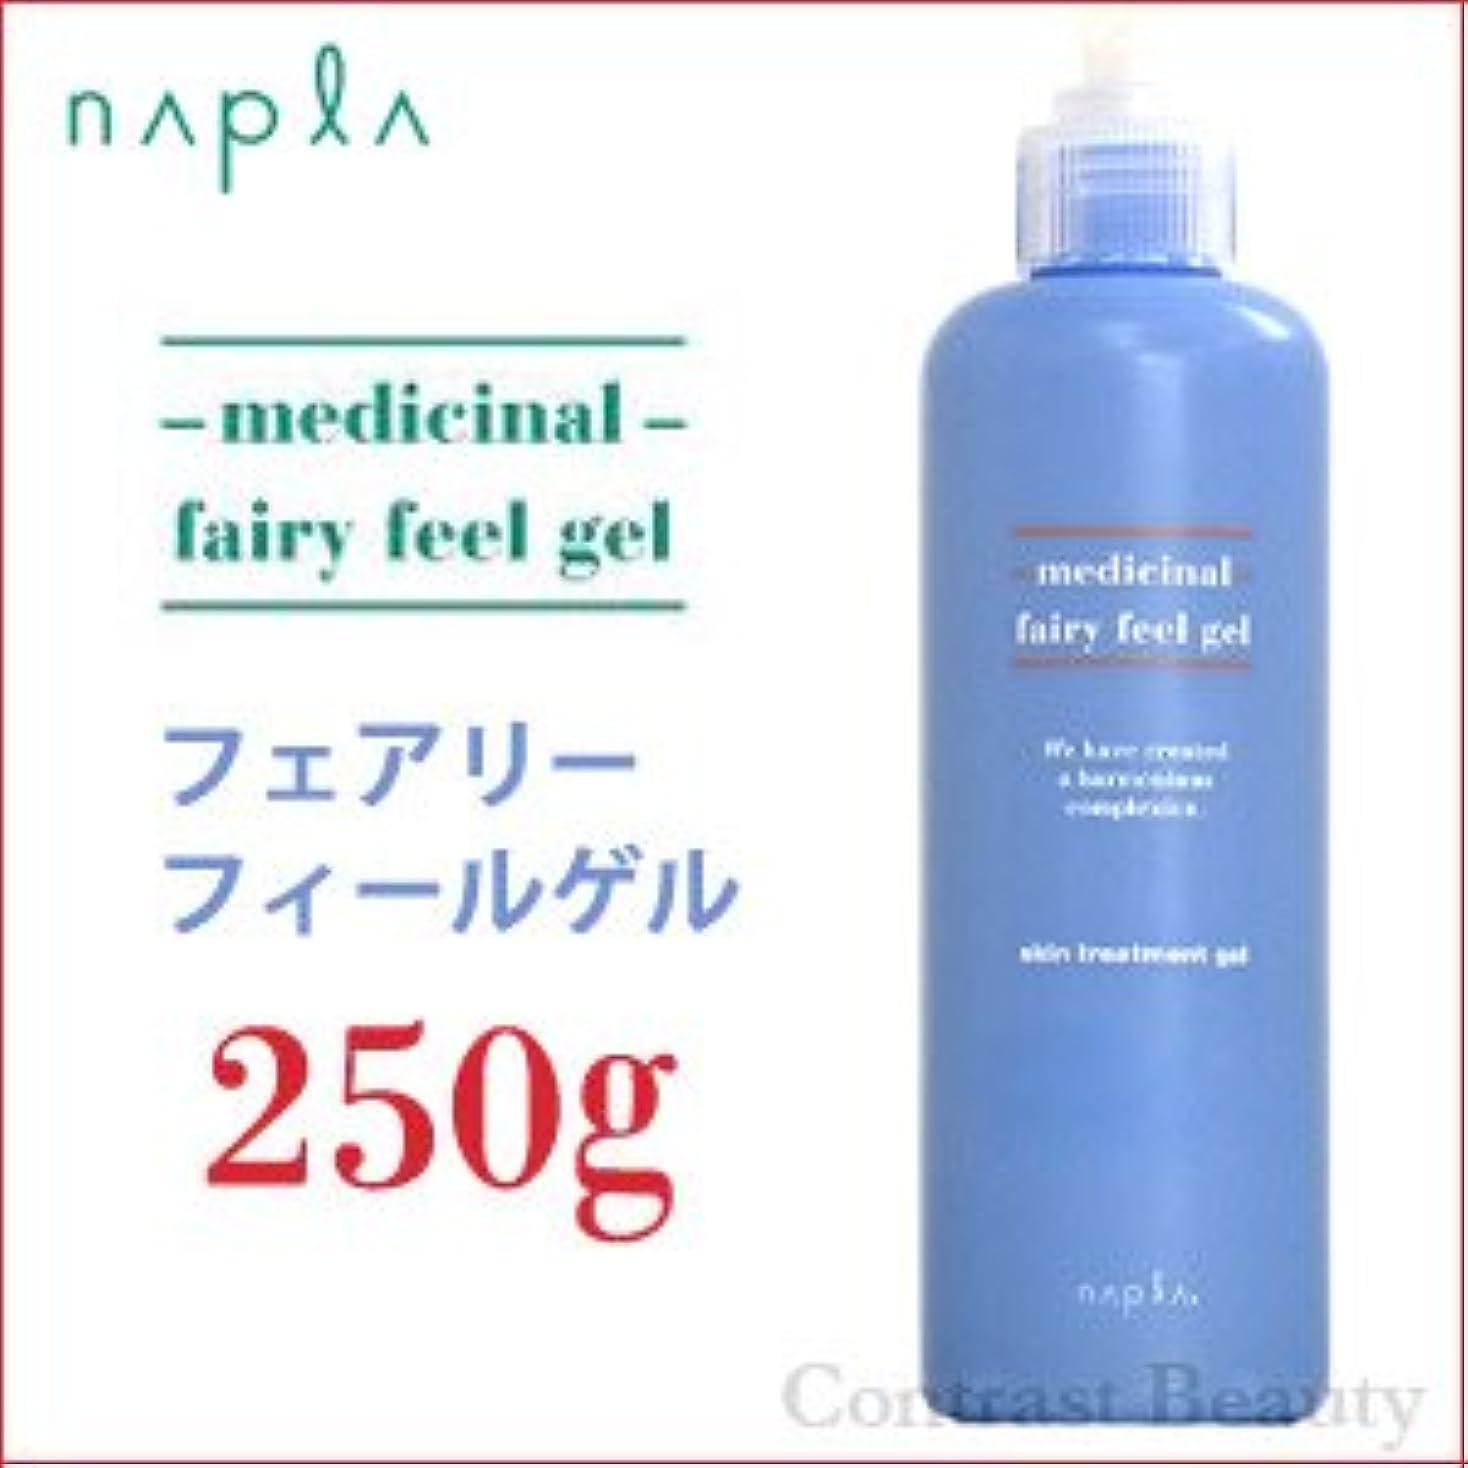 天気ハブ独裁者【X3個セット】 ナプラ 薬用フェアリーフィールゲル 250g